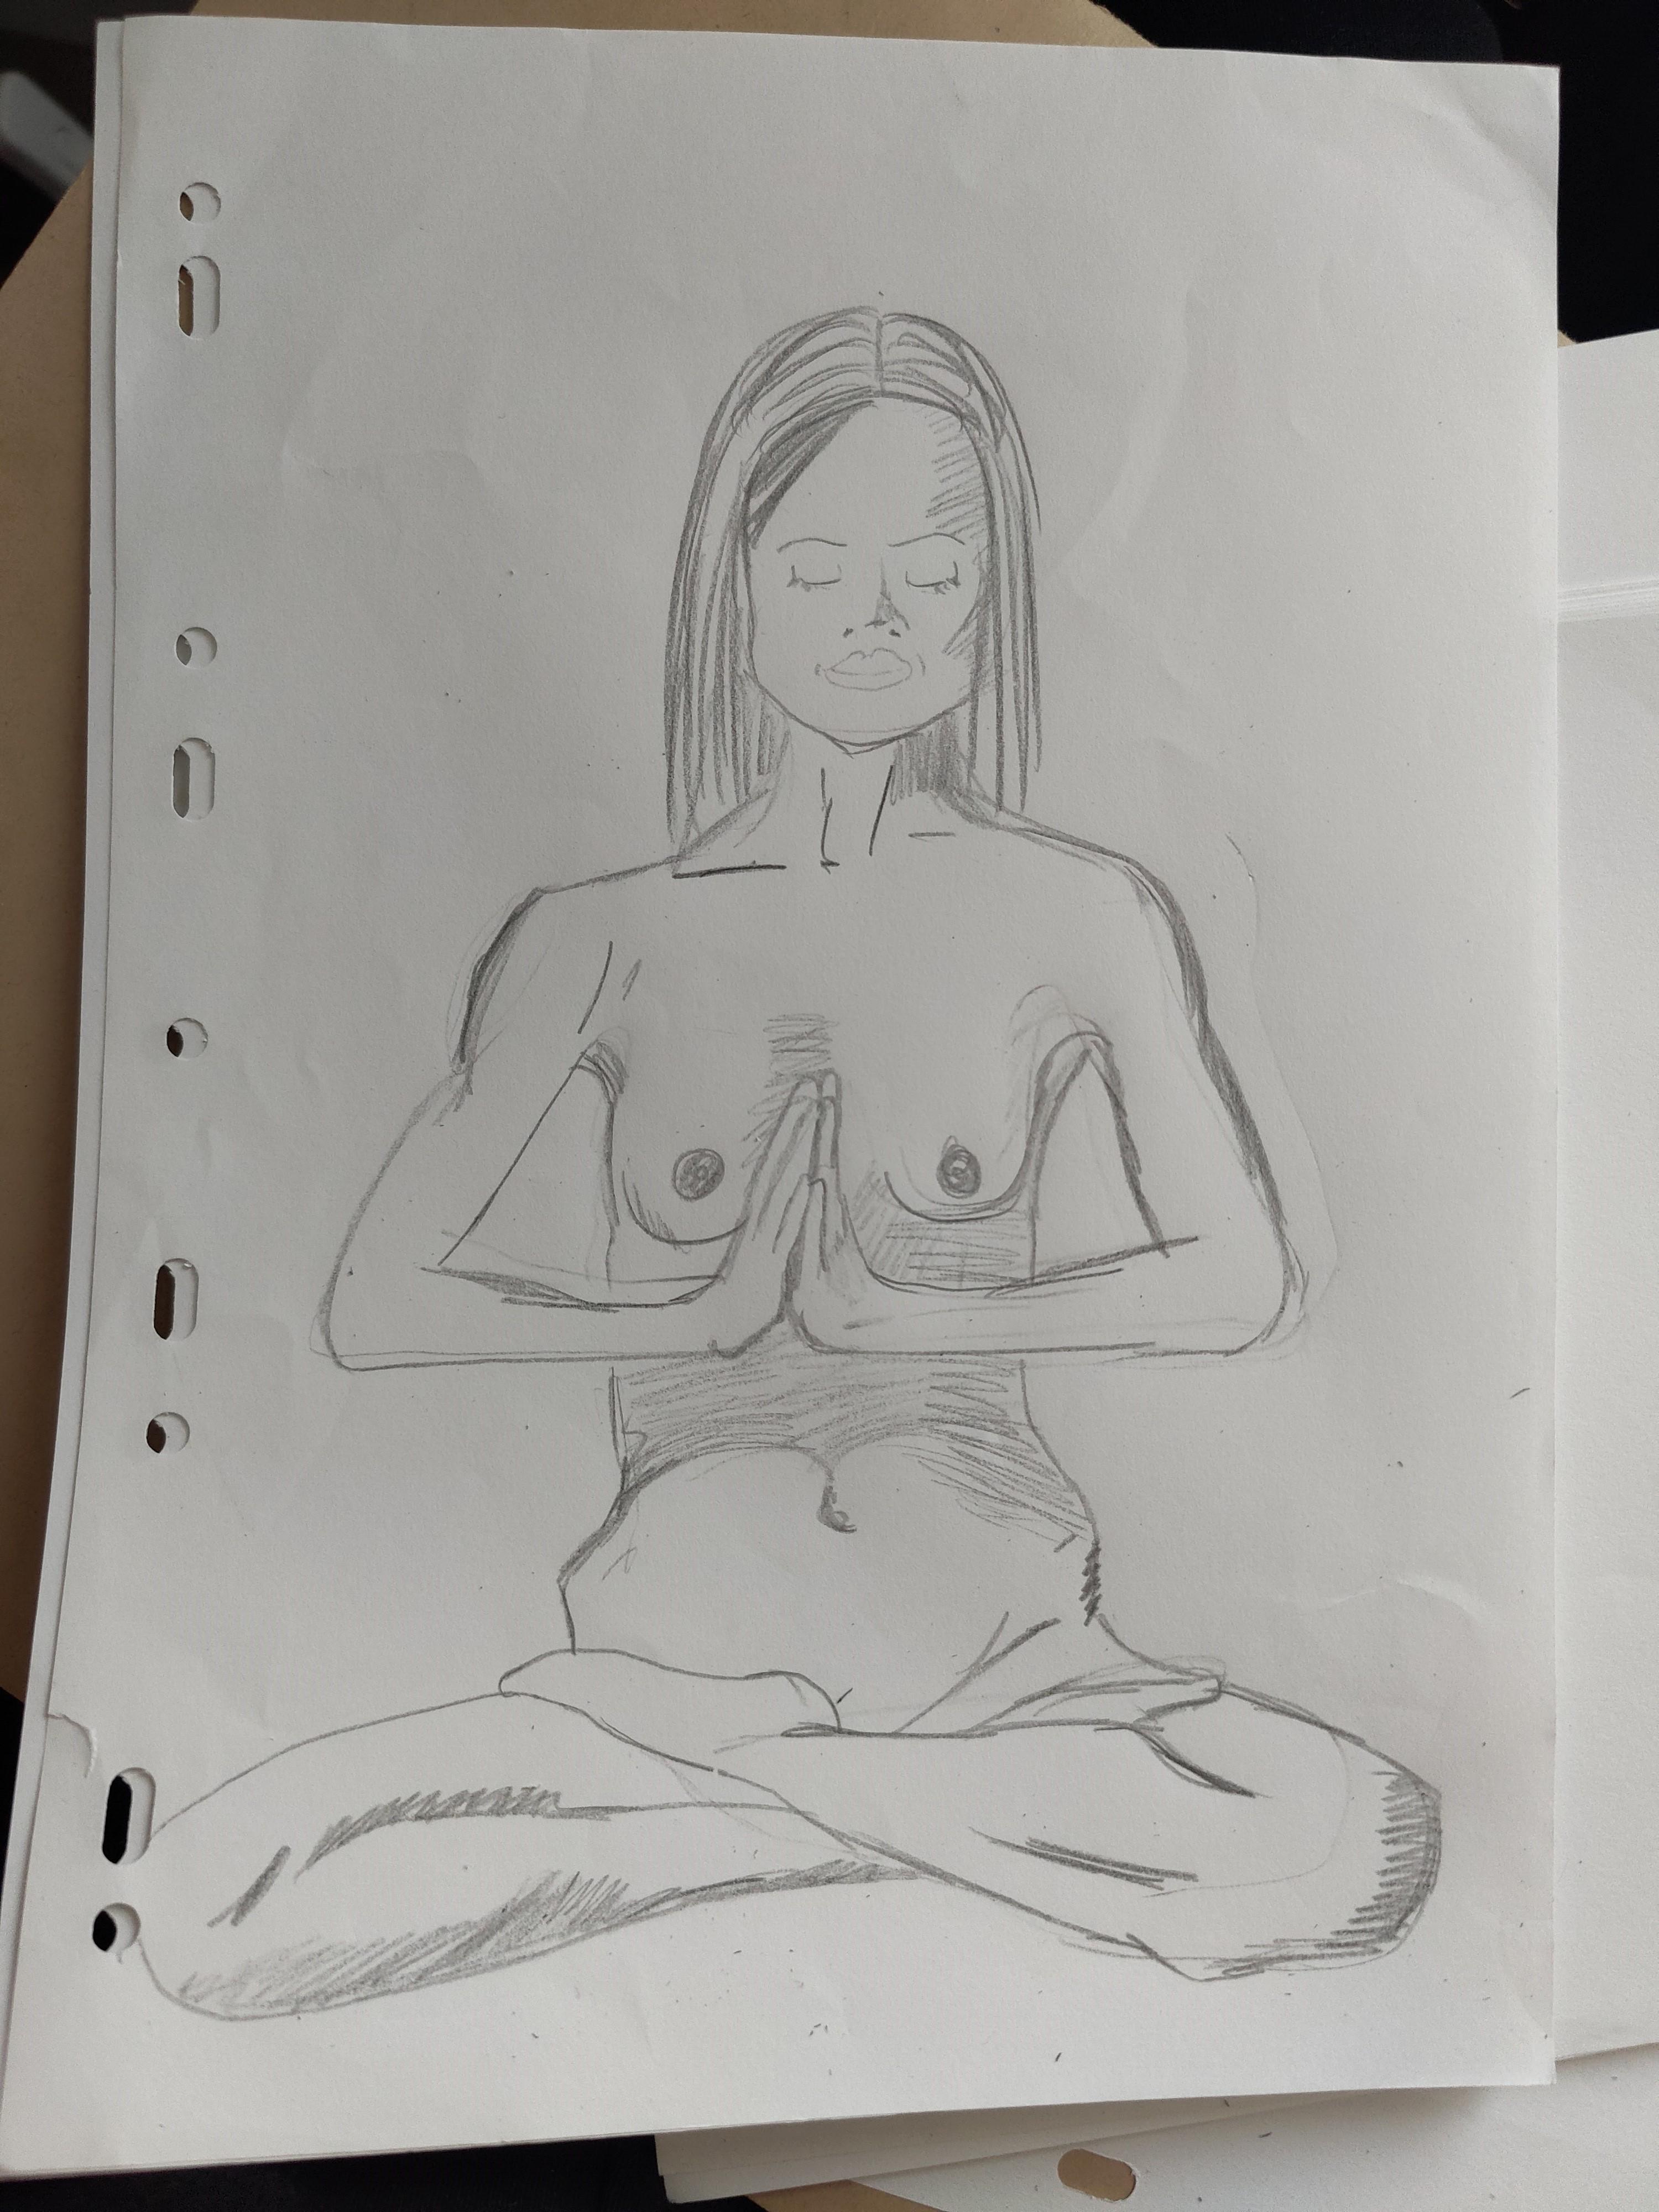 Dessin au trait crayon papier  cours de dessin